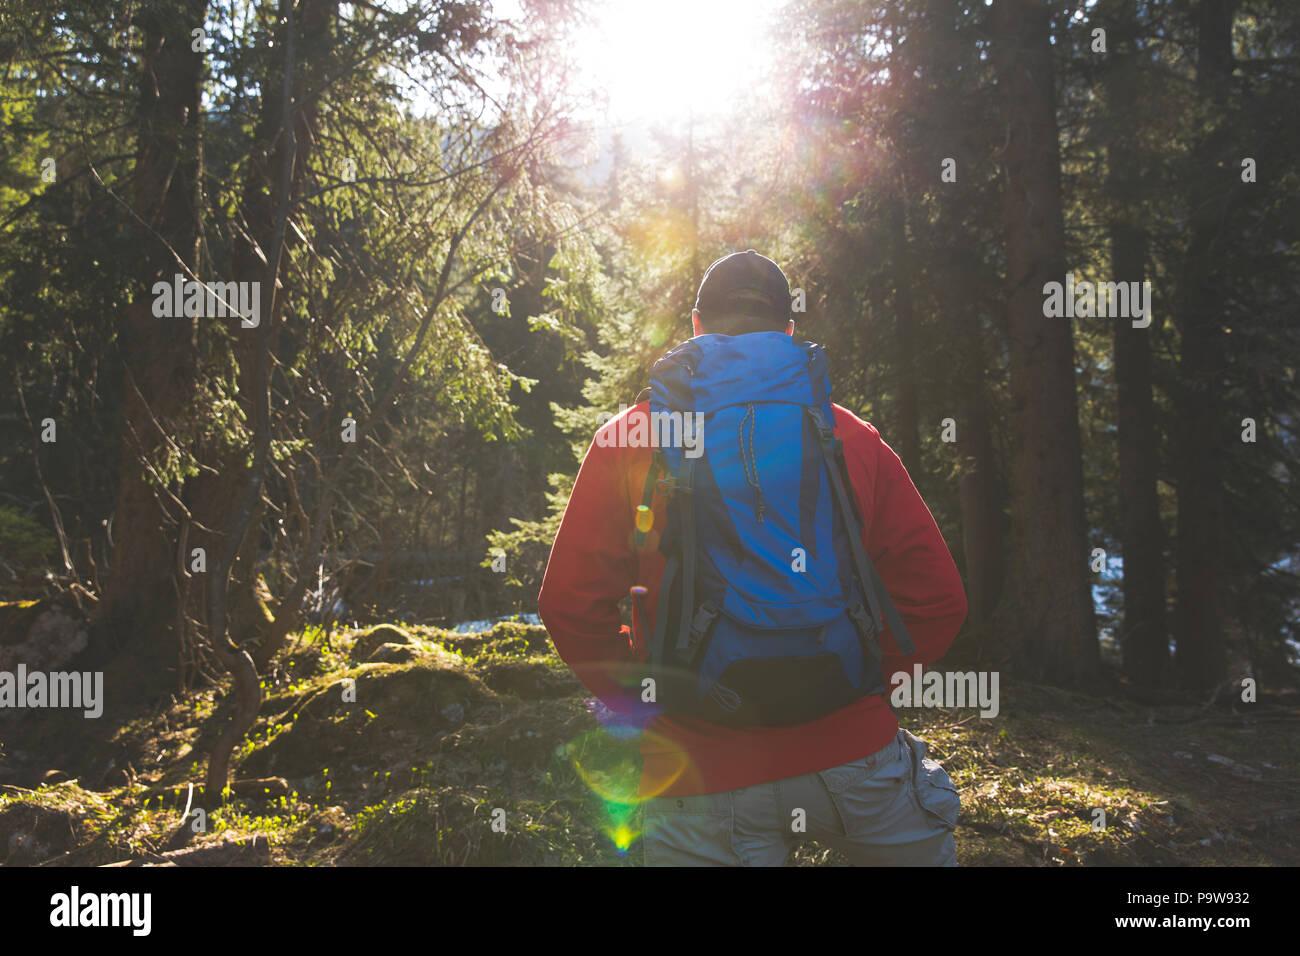 Wandern Mann mit Blau und Rot Pullover in den Wald Stockbild